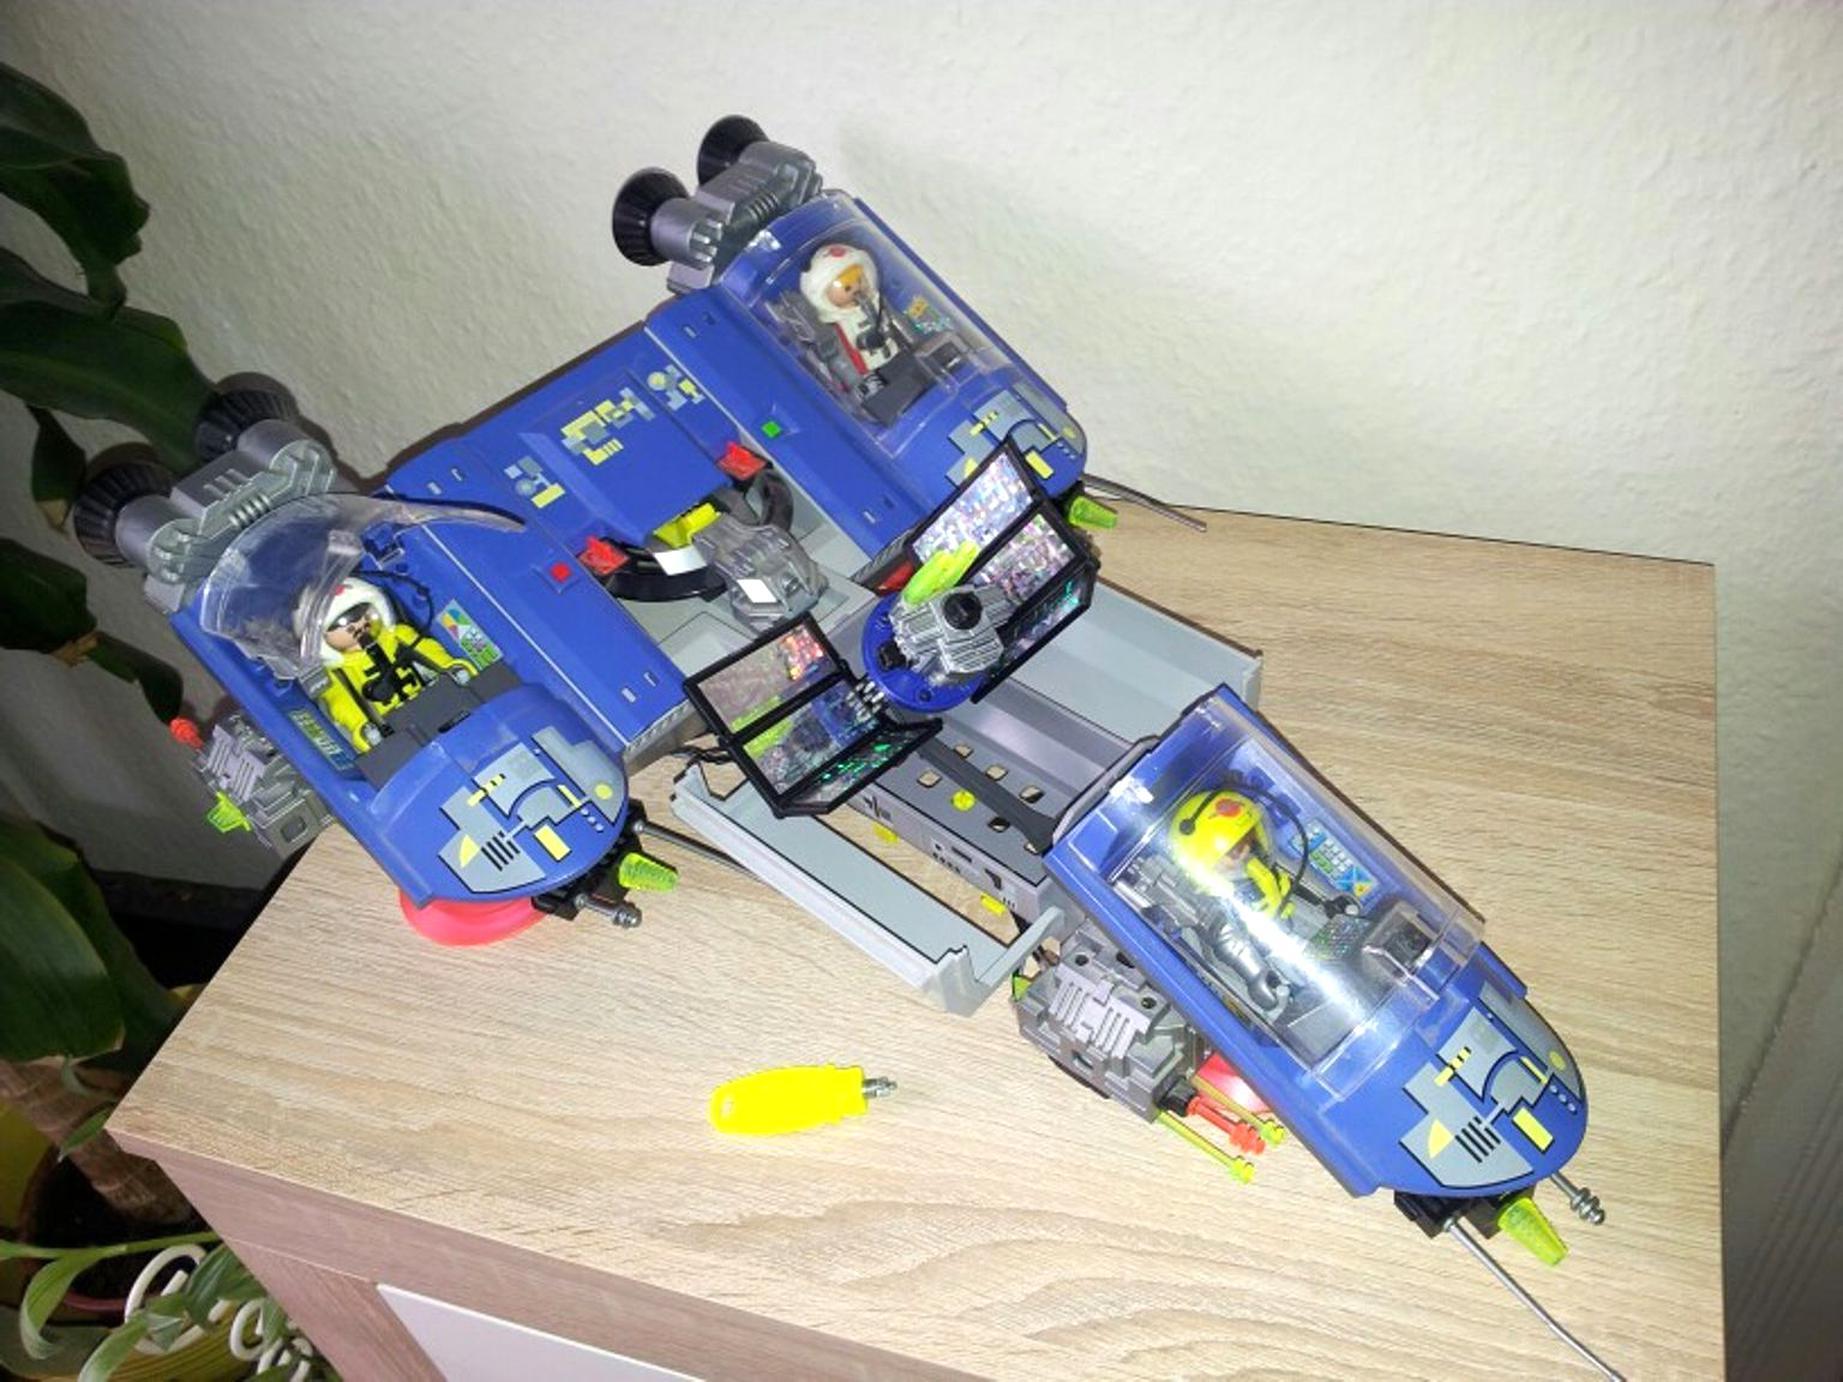 Playmobil Raumschiff Gebraucht Kaufen! Nur 4 St. Bis -60 innen Playmobil Raumfahrt